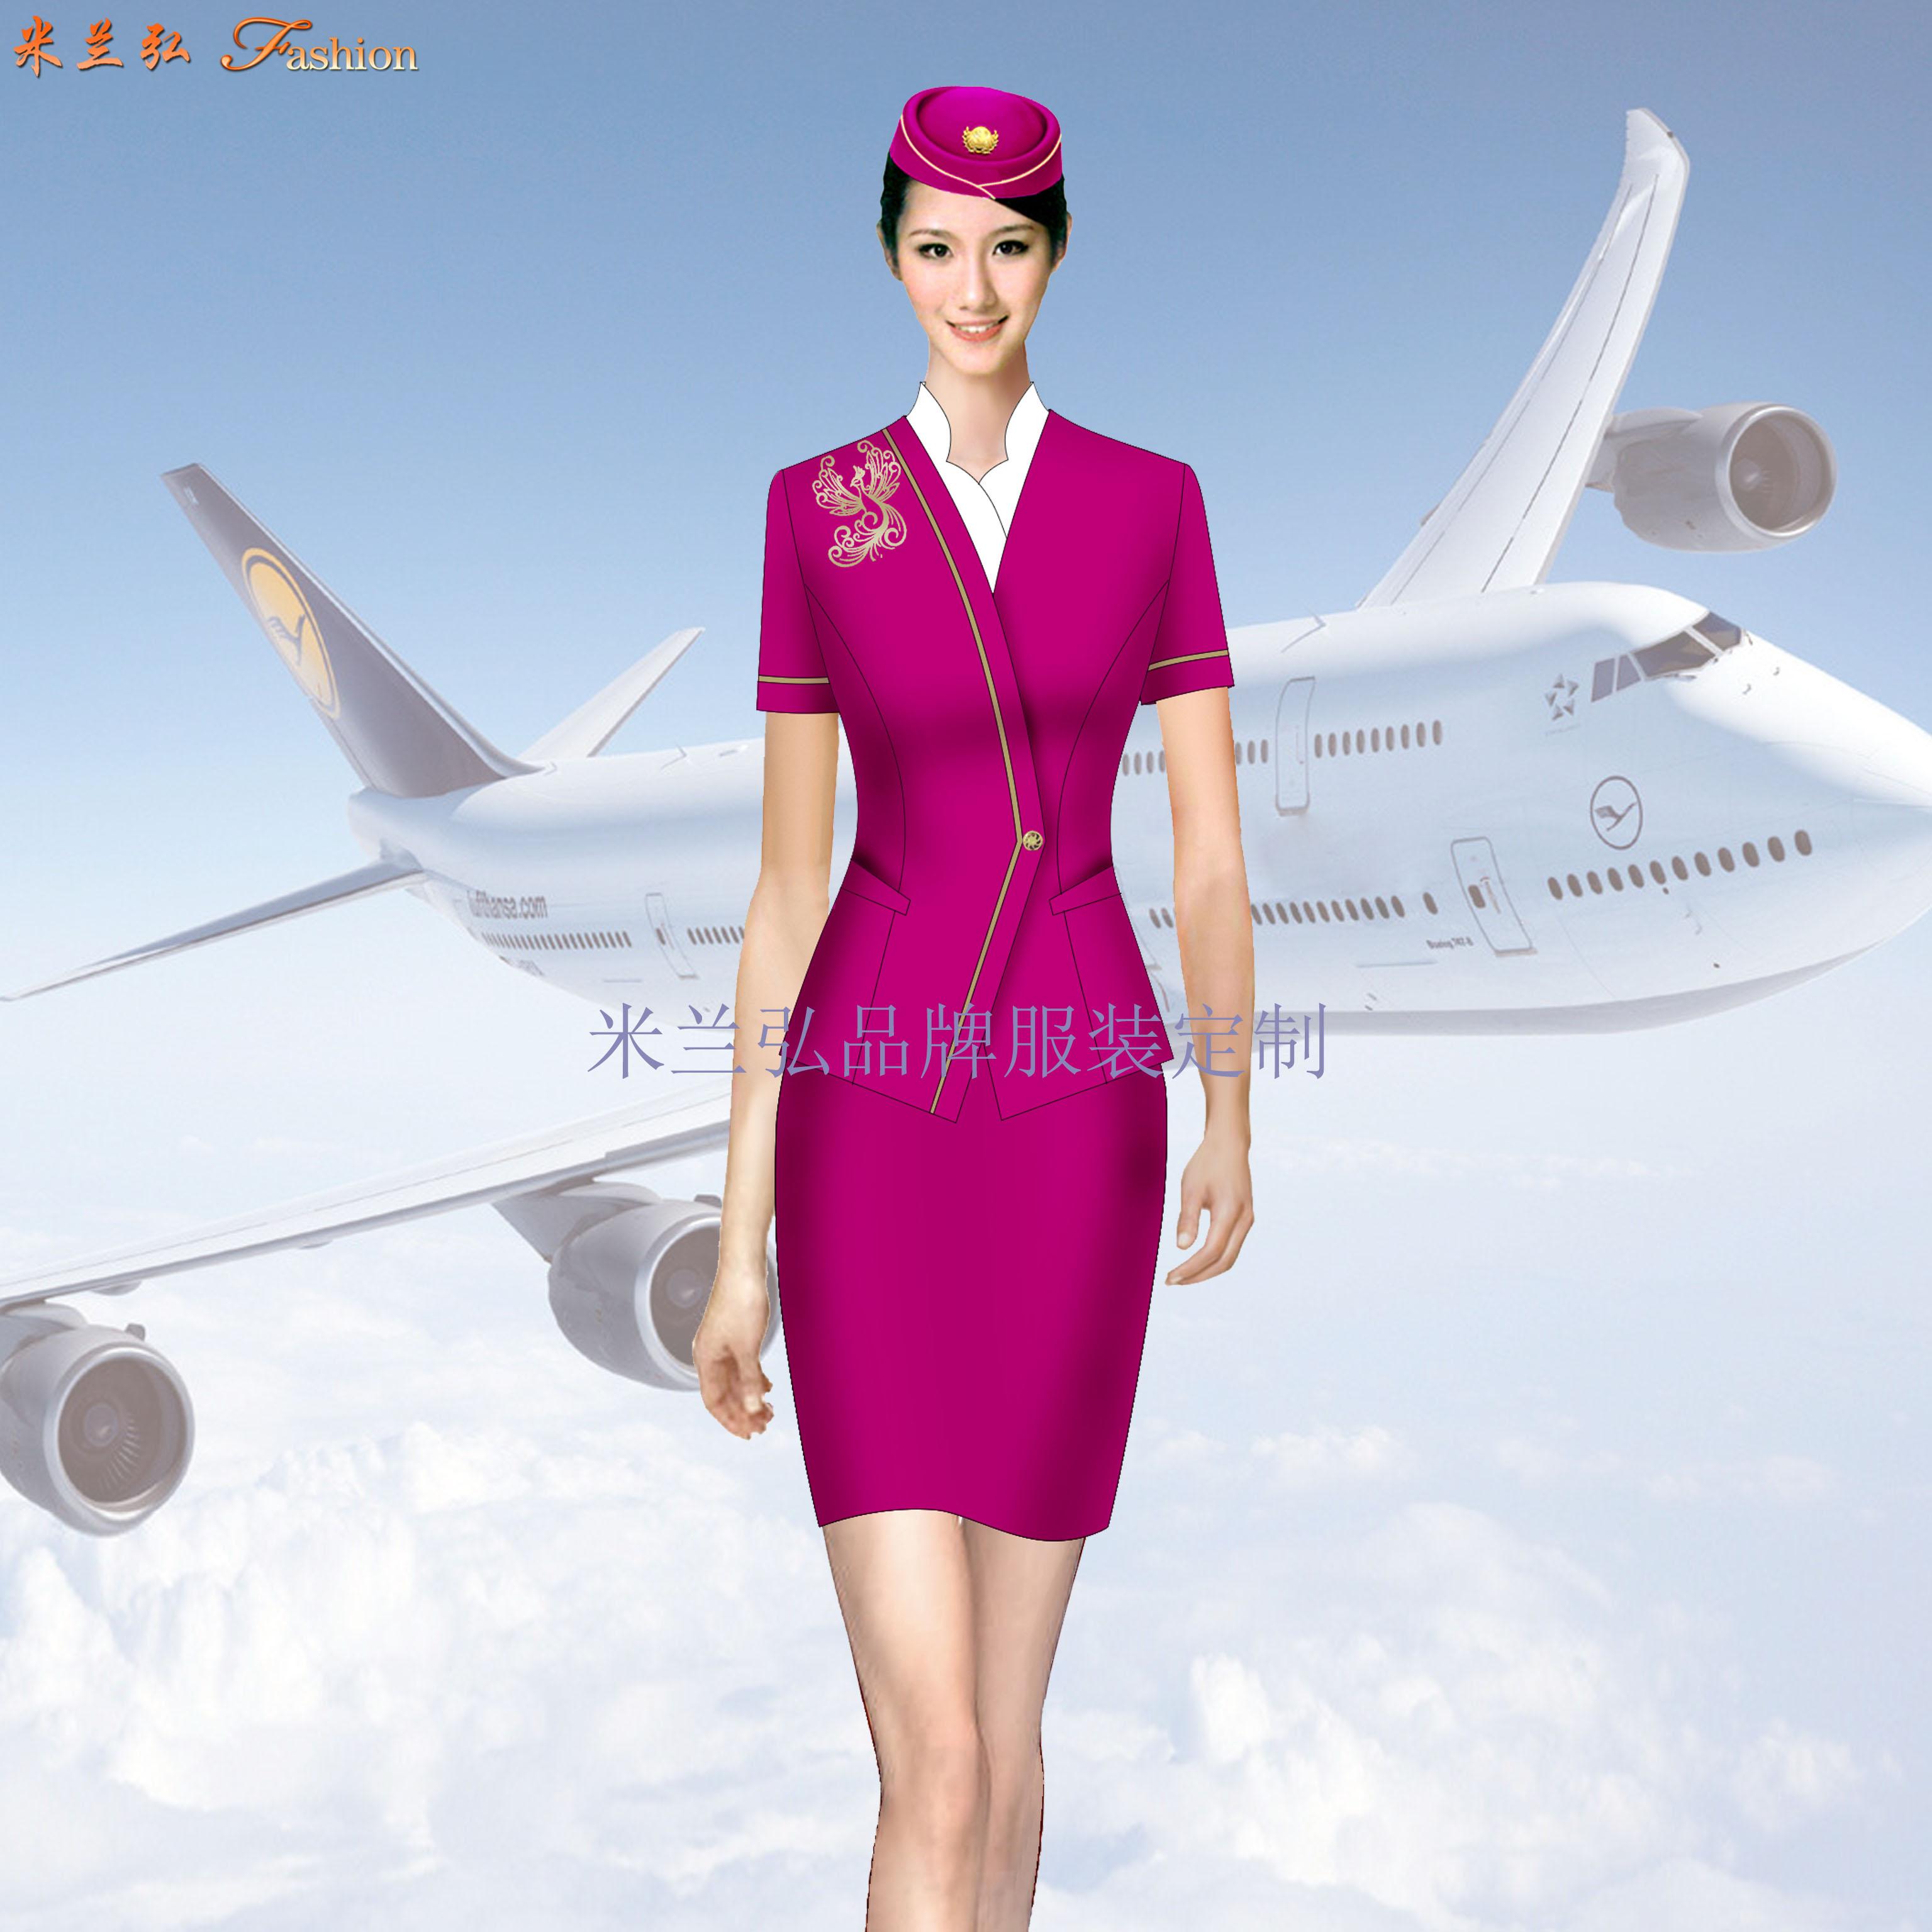 空姐服裝短袖夏裝圖片_空姐服裝夏季套裝定做-米蘭弘廠家-1